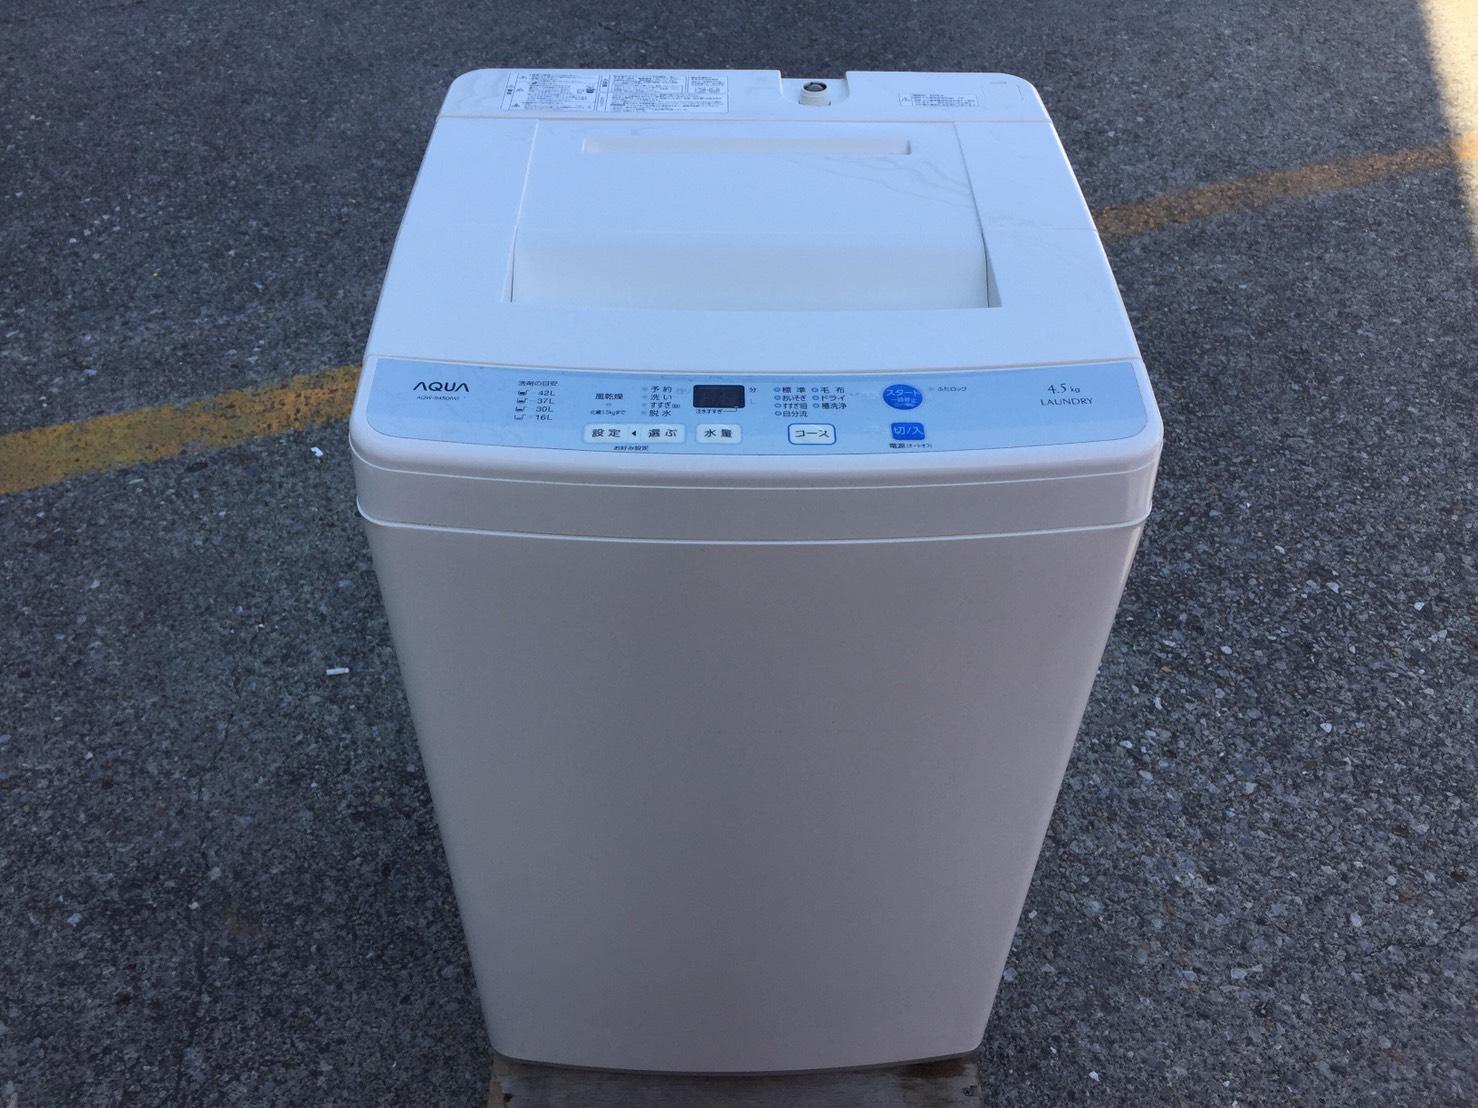 アクア洗濯機(AQW-S45D)分解と洗濯槽クリーニング